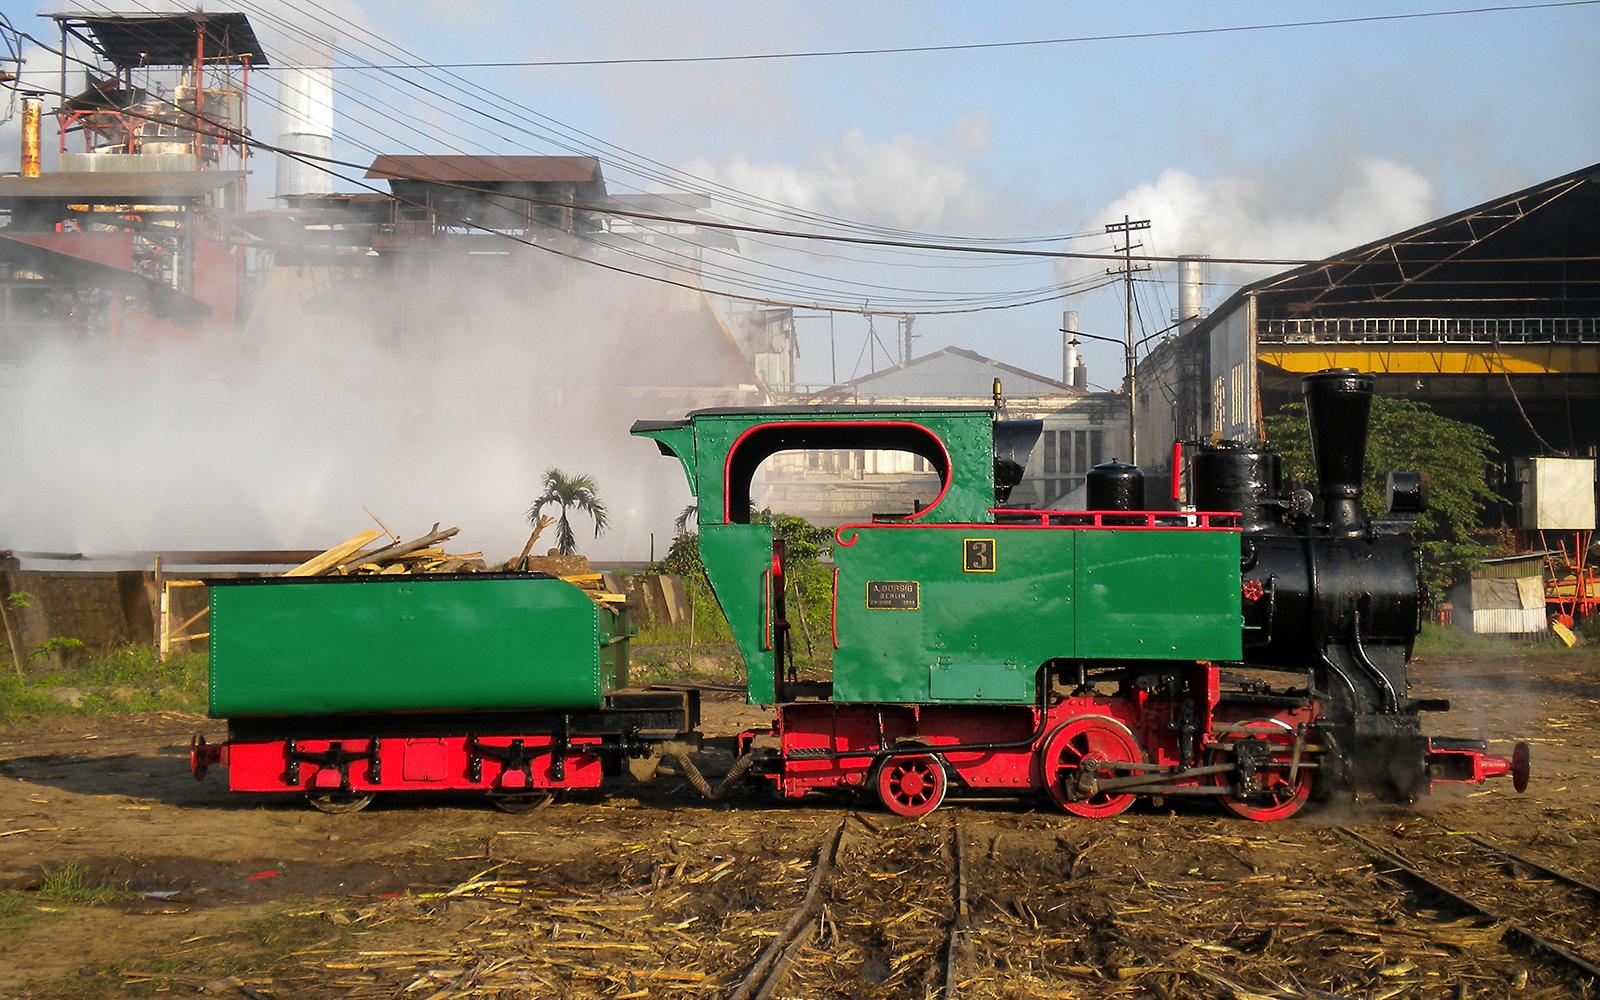 Foto: Die Oldies bringen das Zuckerrohr direkt in die Zuckerfabriken Javas. Fotografiert von railmen-Lokführer Steffen Mann.